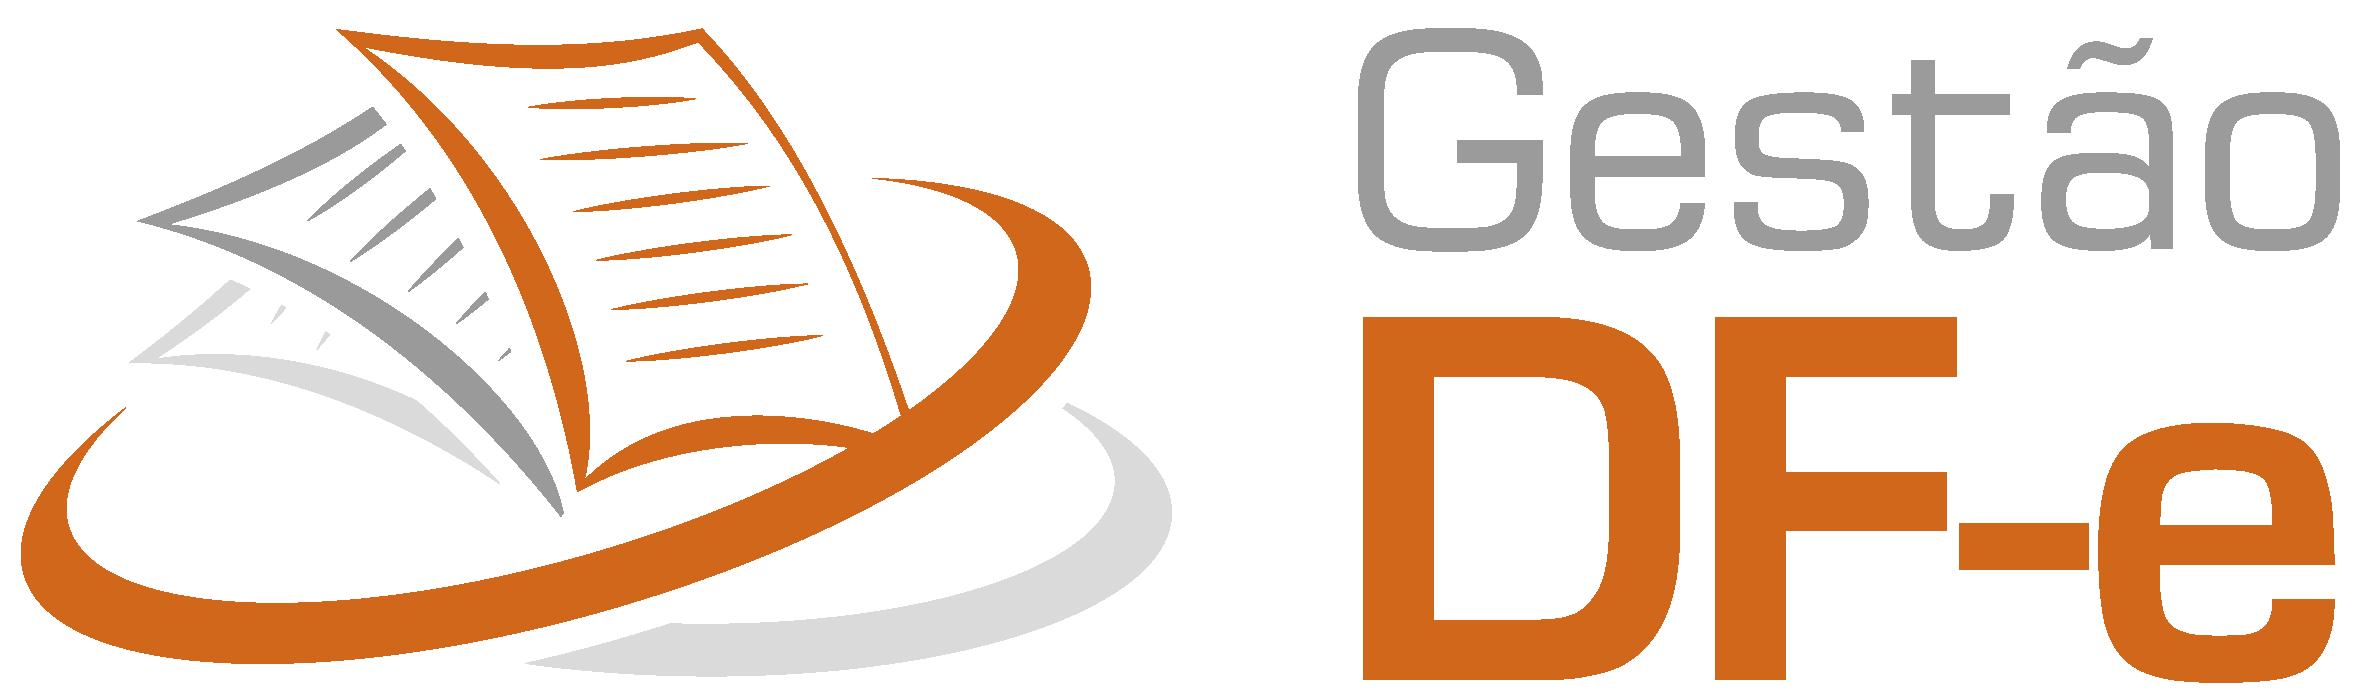 logo dfe_Prancheta 1.png